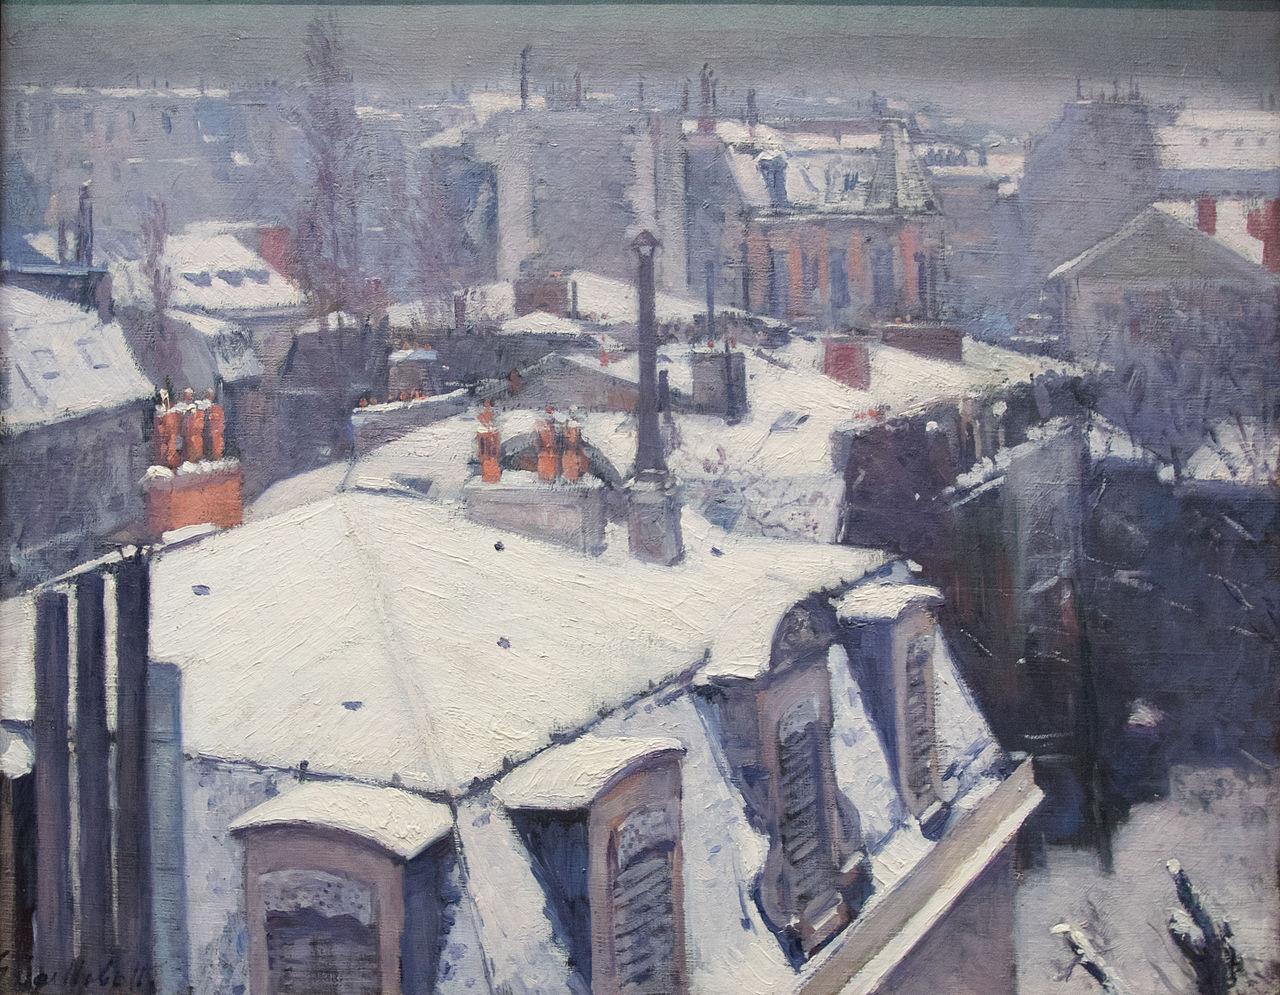 Ca s'est passé en août ! Gustave-caillebotte.-vue-de-toits-effet-de-neige-1878-